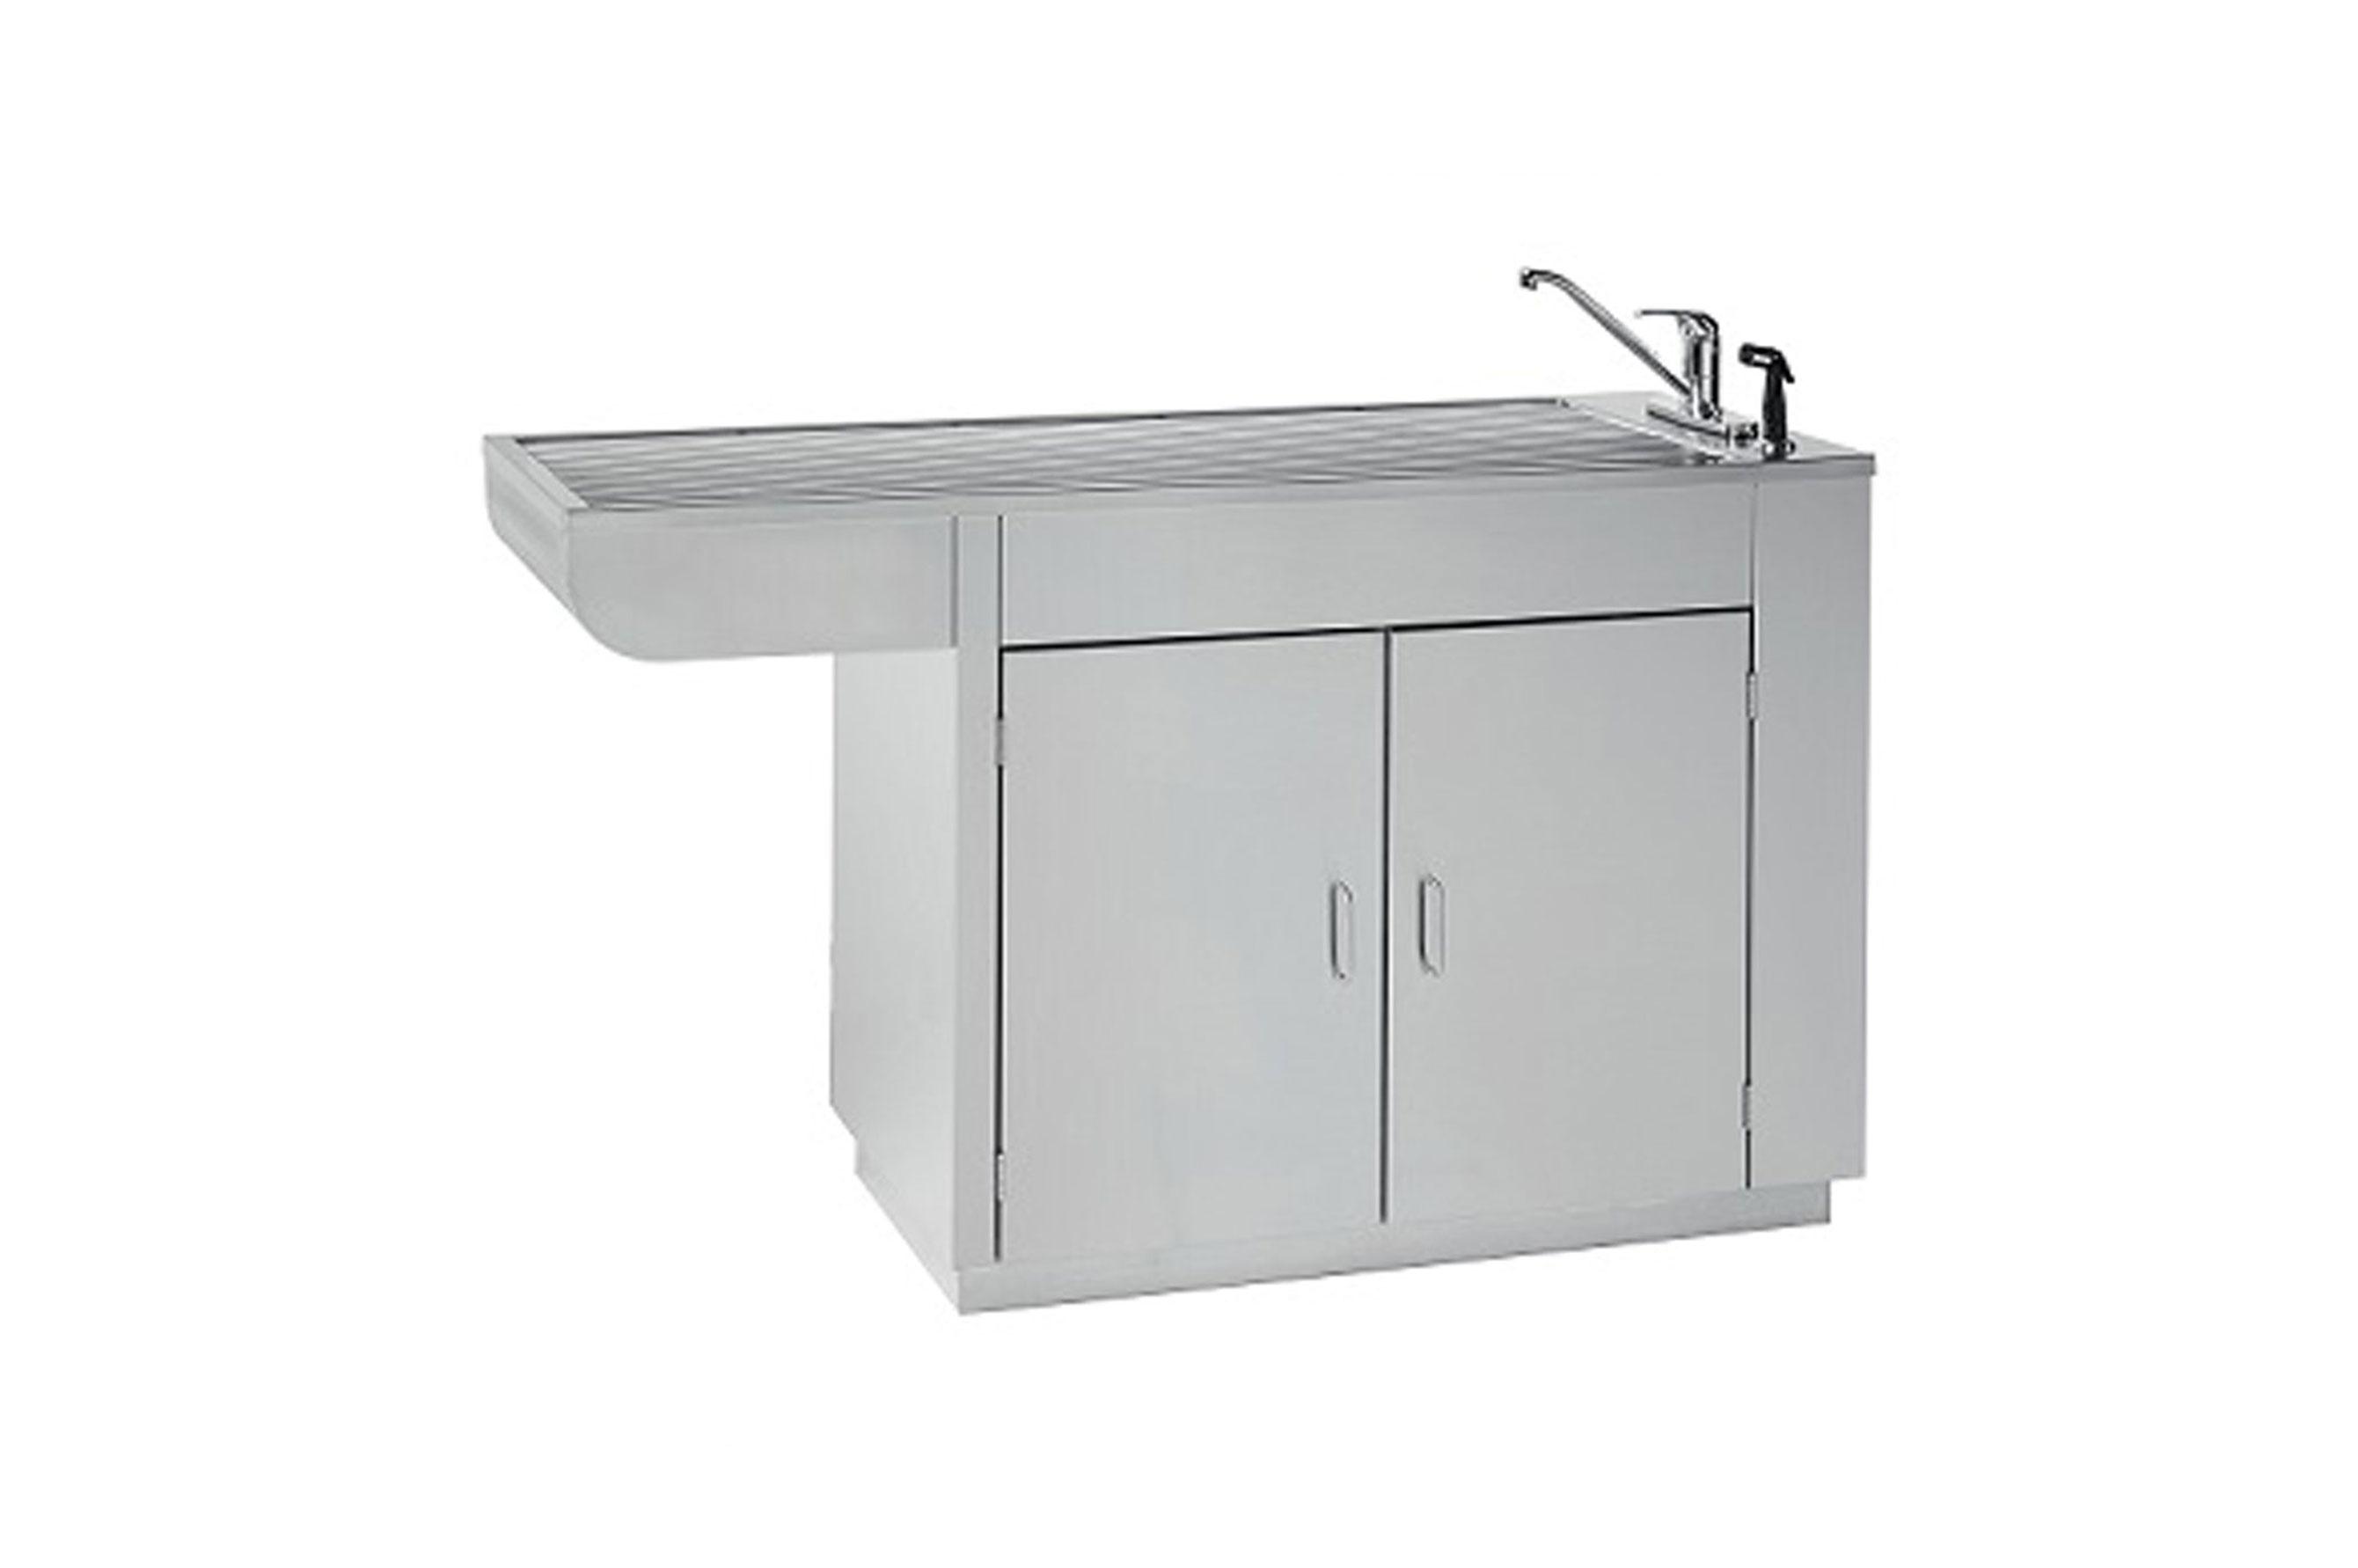 Stainless-steel-wetprep,-choice-of-tub,-2-doors